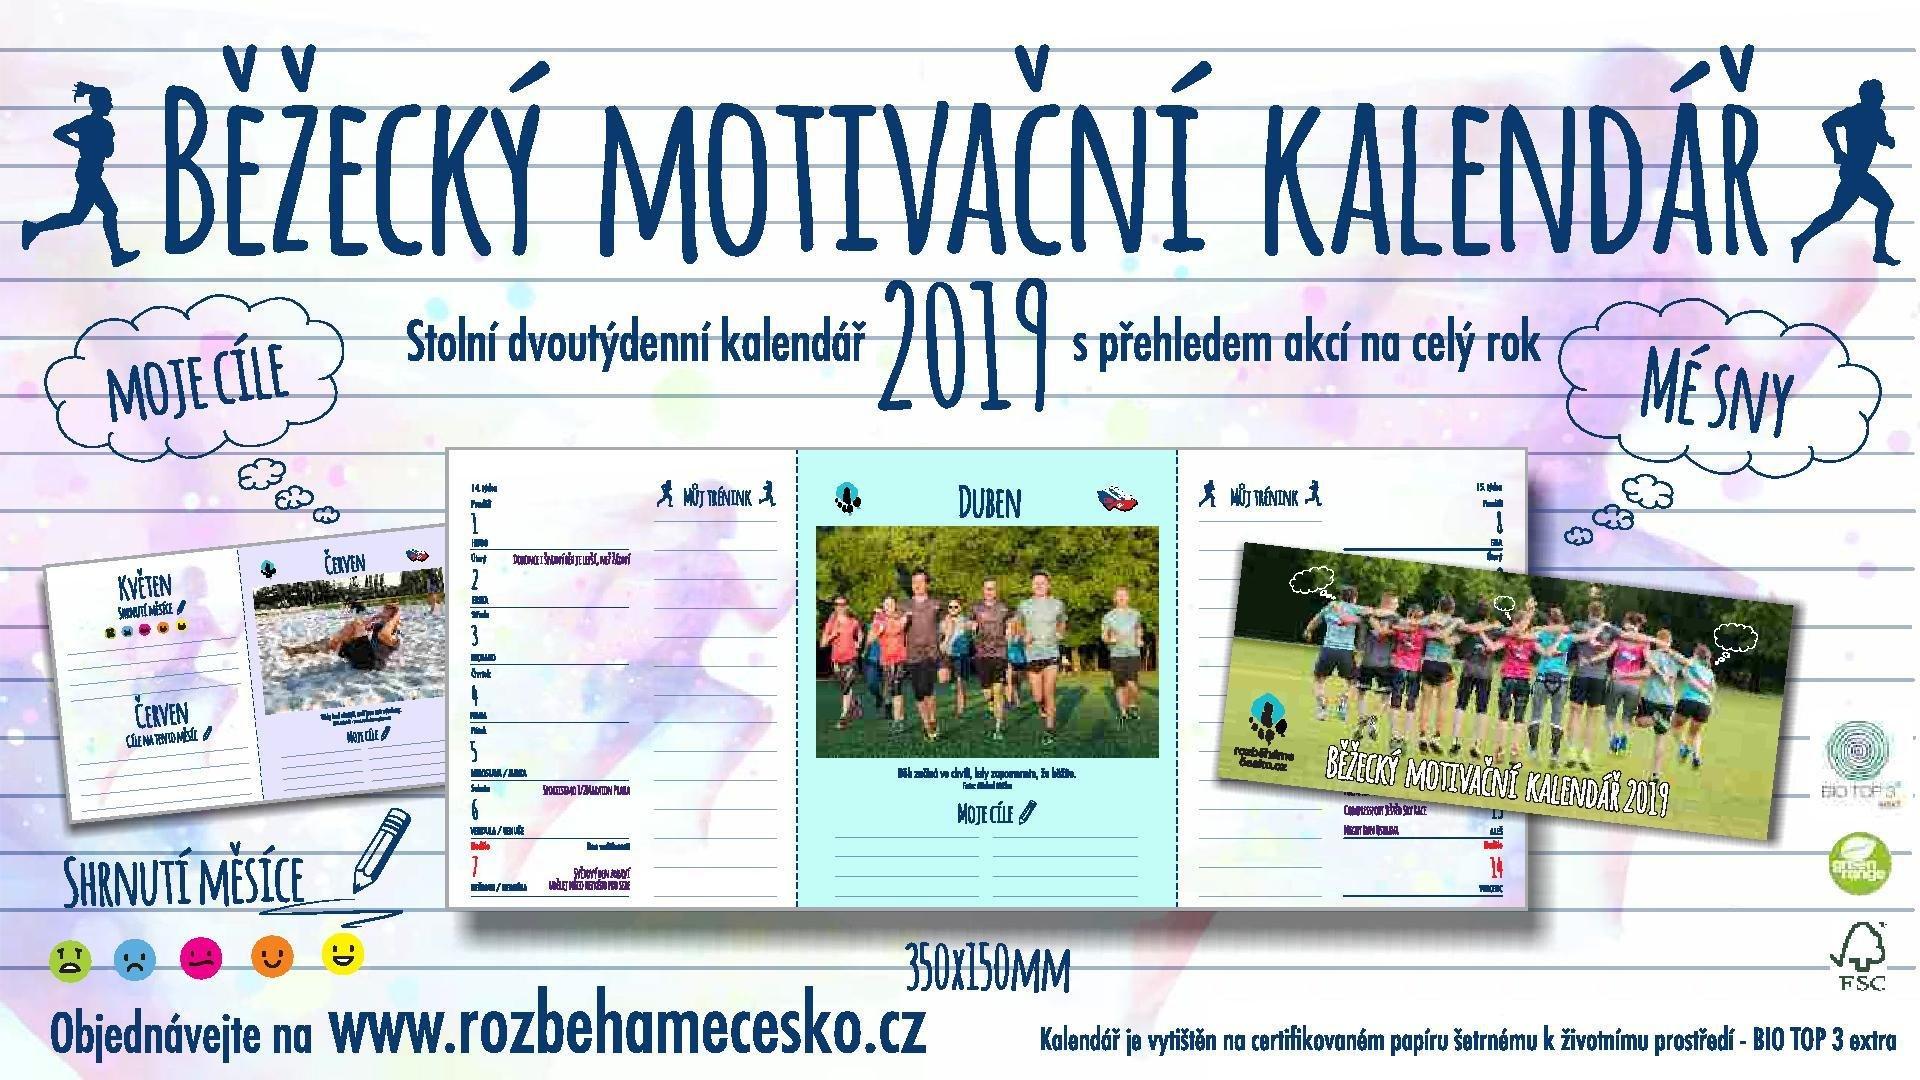 Běžecký motivační kalendář 2019 00002